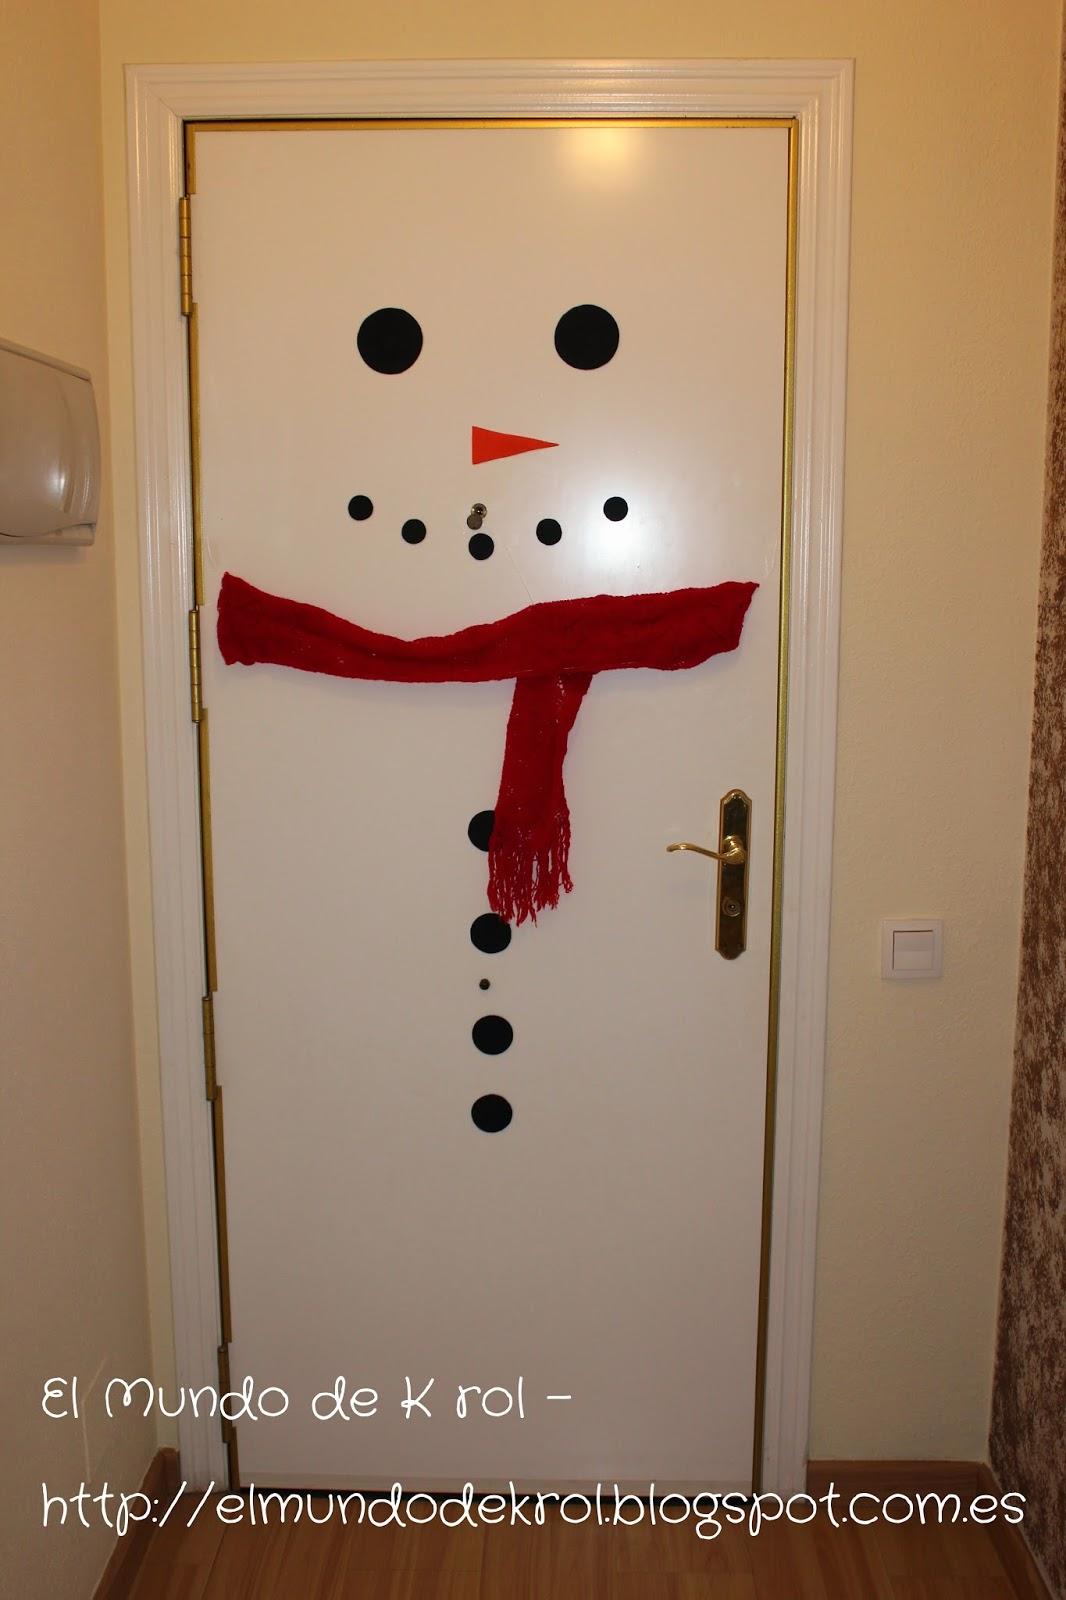 El mundo de k rol mu eco de nieve en puerta for Puertas navidenas decoradas 2014